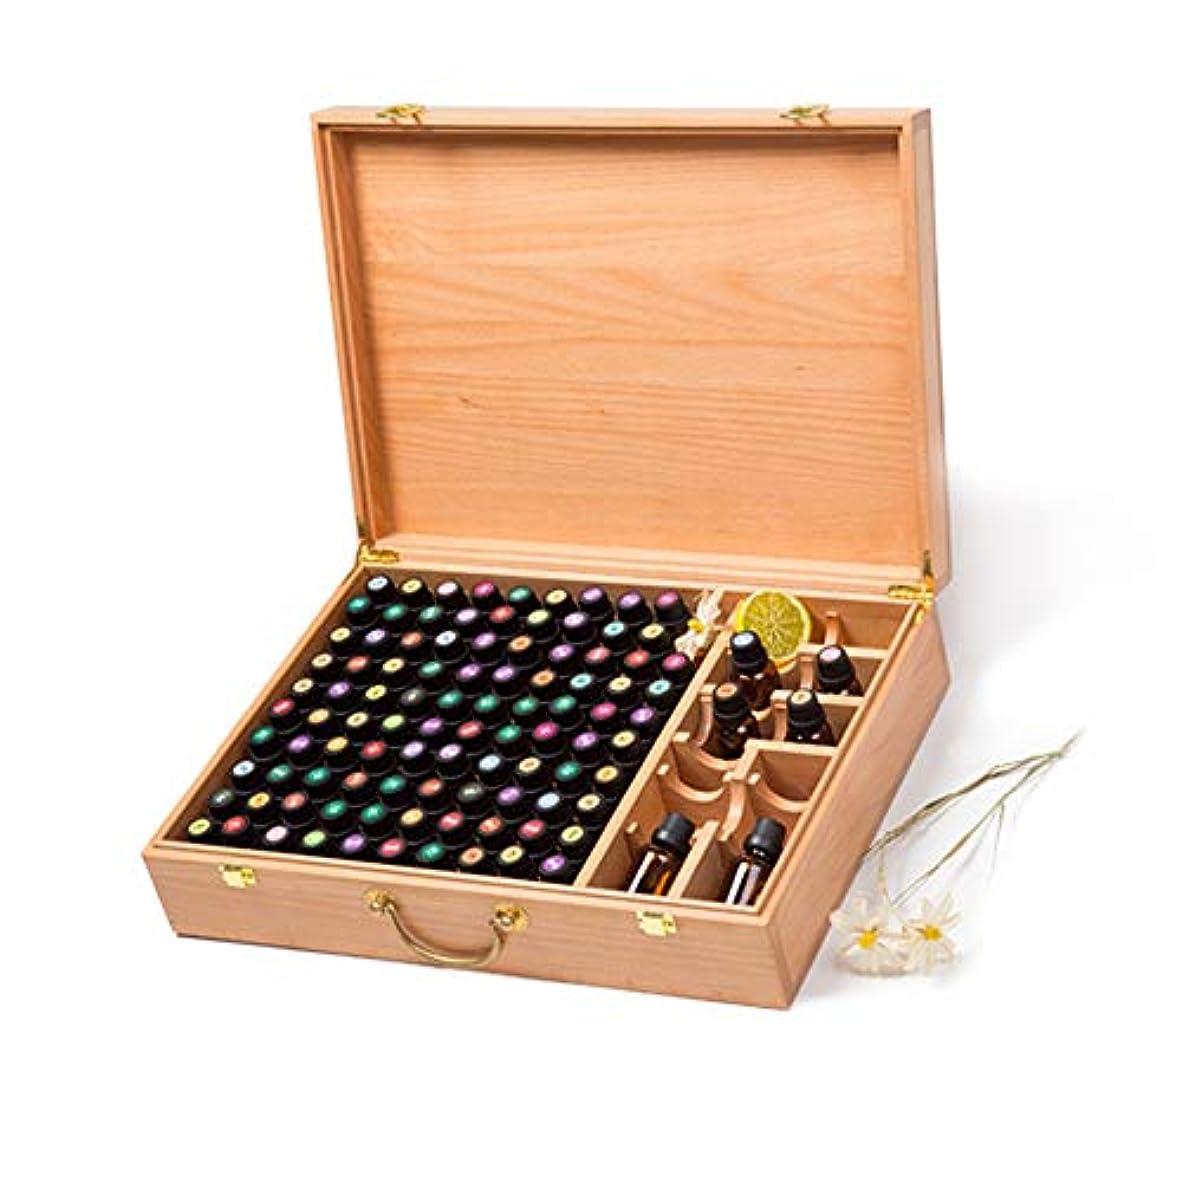 橋グリットエチケットエッセンシャルオイル収納ボックス ハンドルパーフェクトエッセンシャルオイルのケースでは手作りの木製エッセンシャルオイルストレージボックスは100本の油のボトルを保持します (色 : Natural, サイズ : 44X31.5X10.5CM)